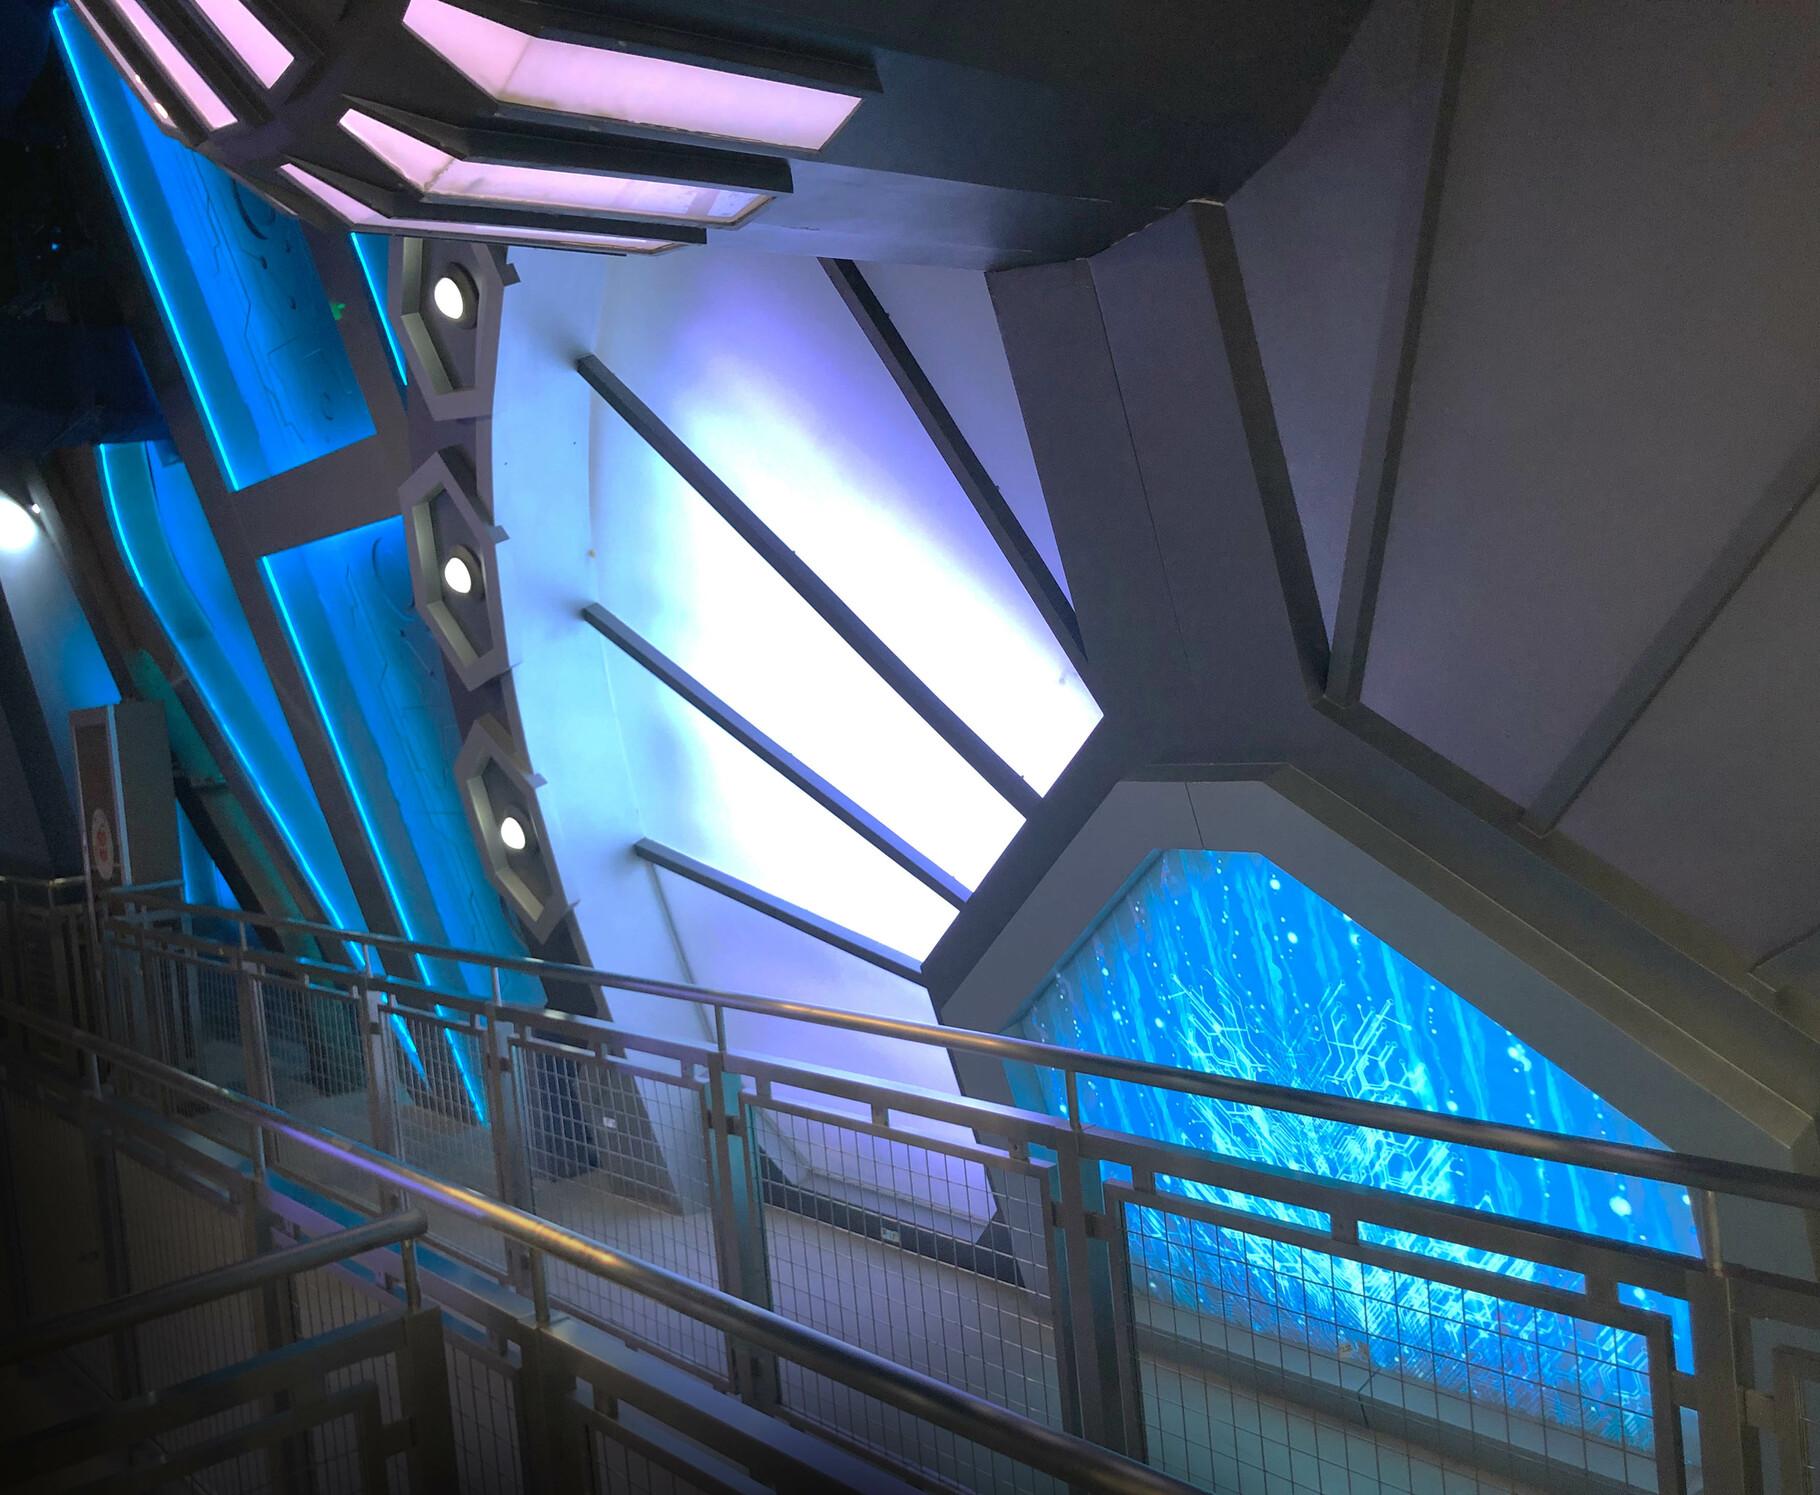 universal-studios-beijing-34199000.jpeg